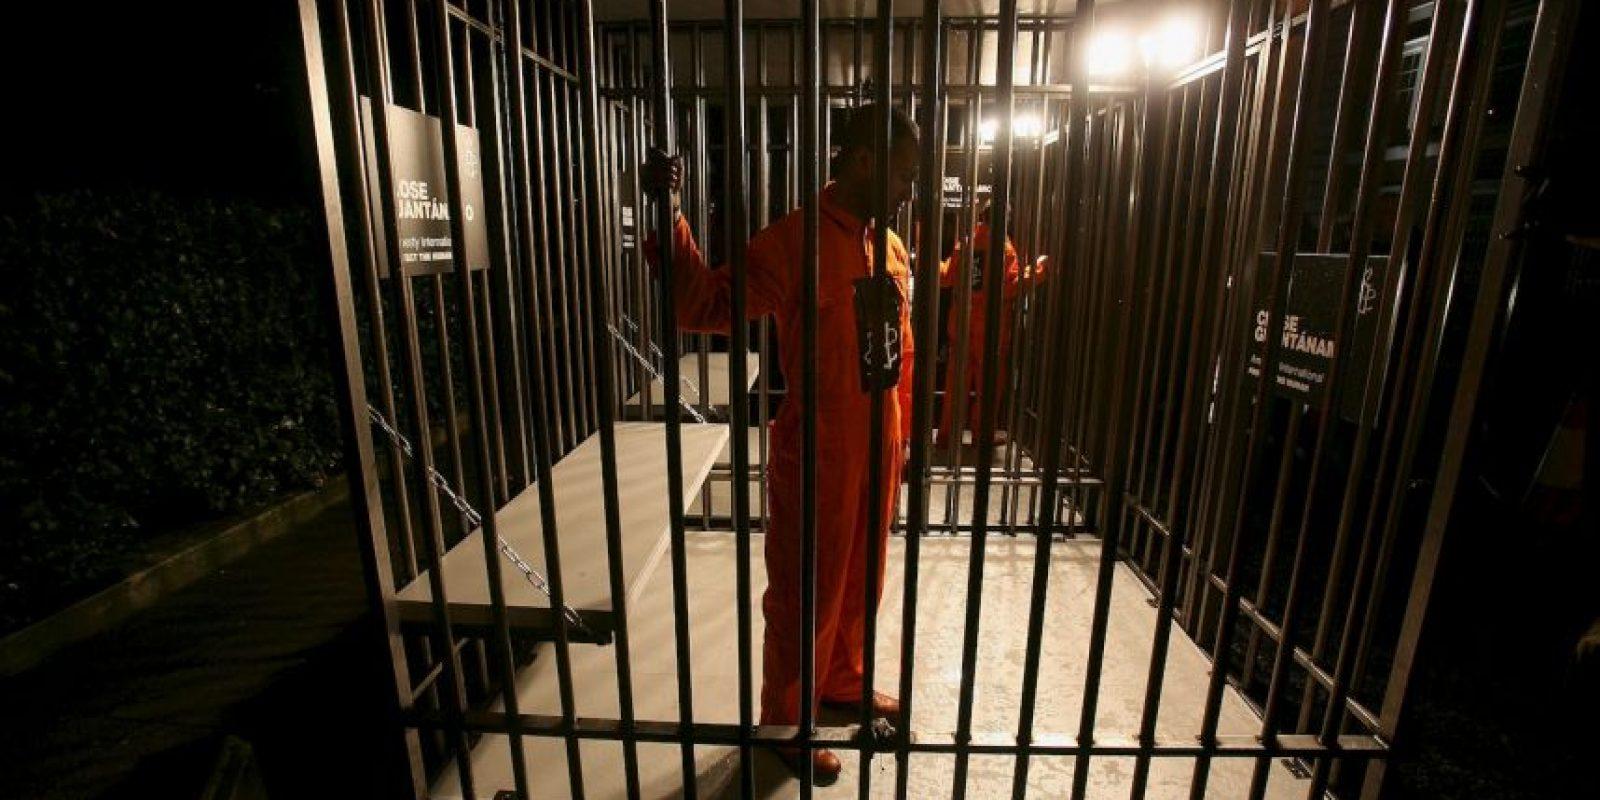 La prisión de alta seguridad está situada en la Base Naval de la Bahía de Guantánamo, localizada en Cuba. Foto:Getty Images. Imagen Por: